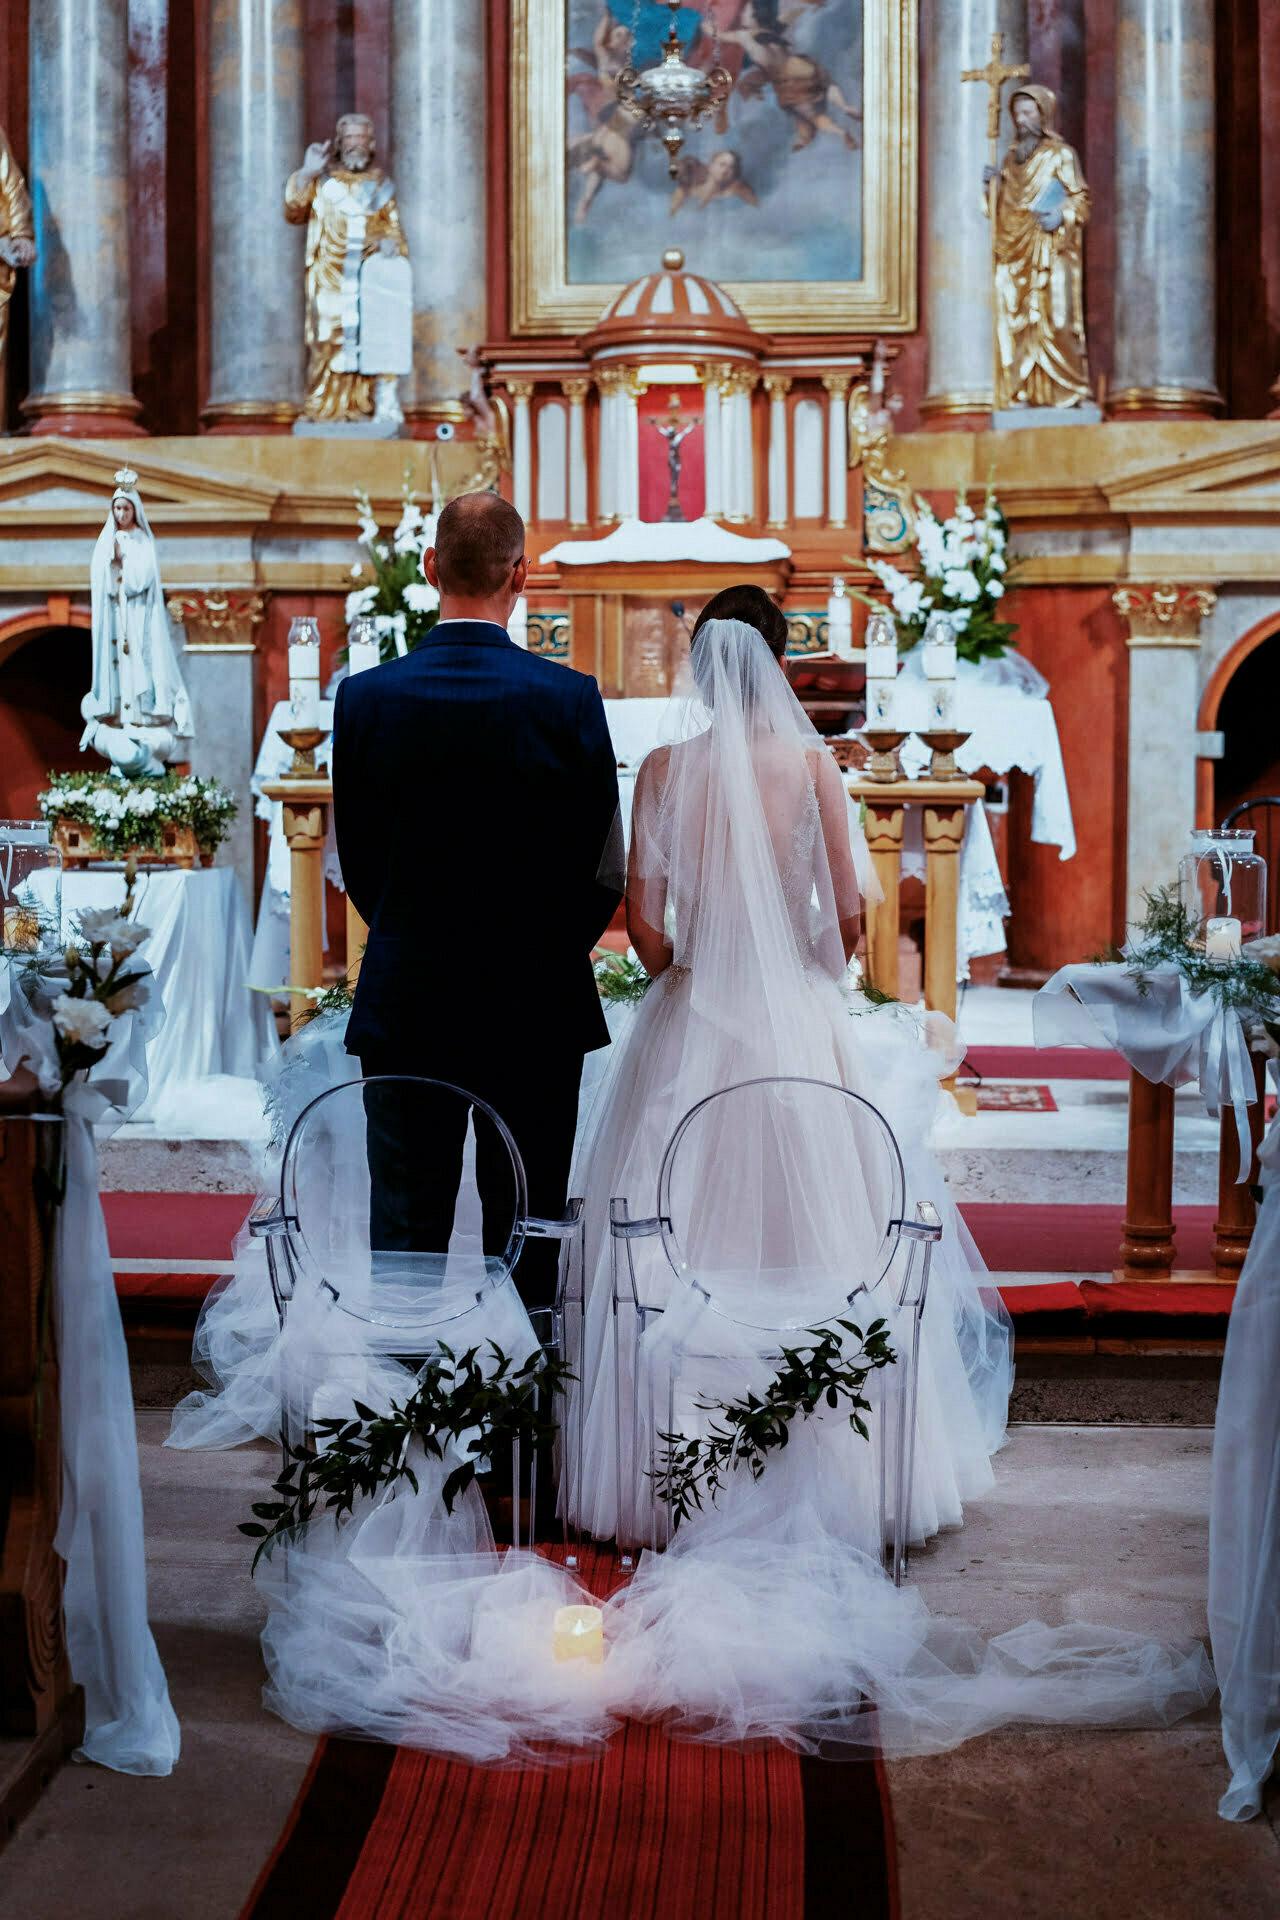 sesja ślubna, fotograf ślubny, zdjęcia na ślubie Leszno